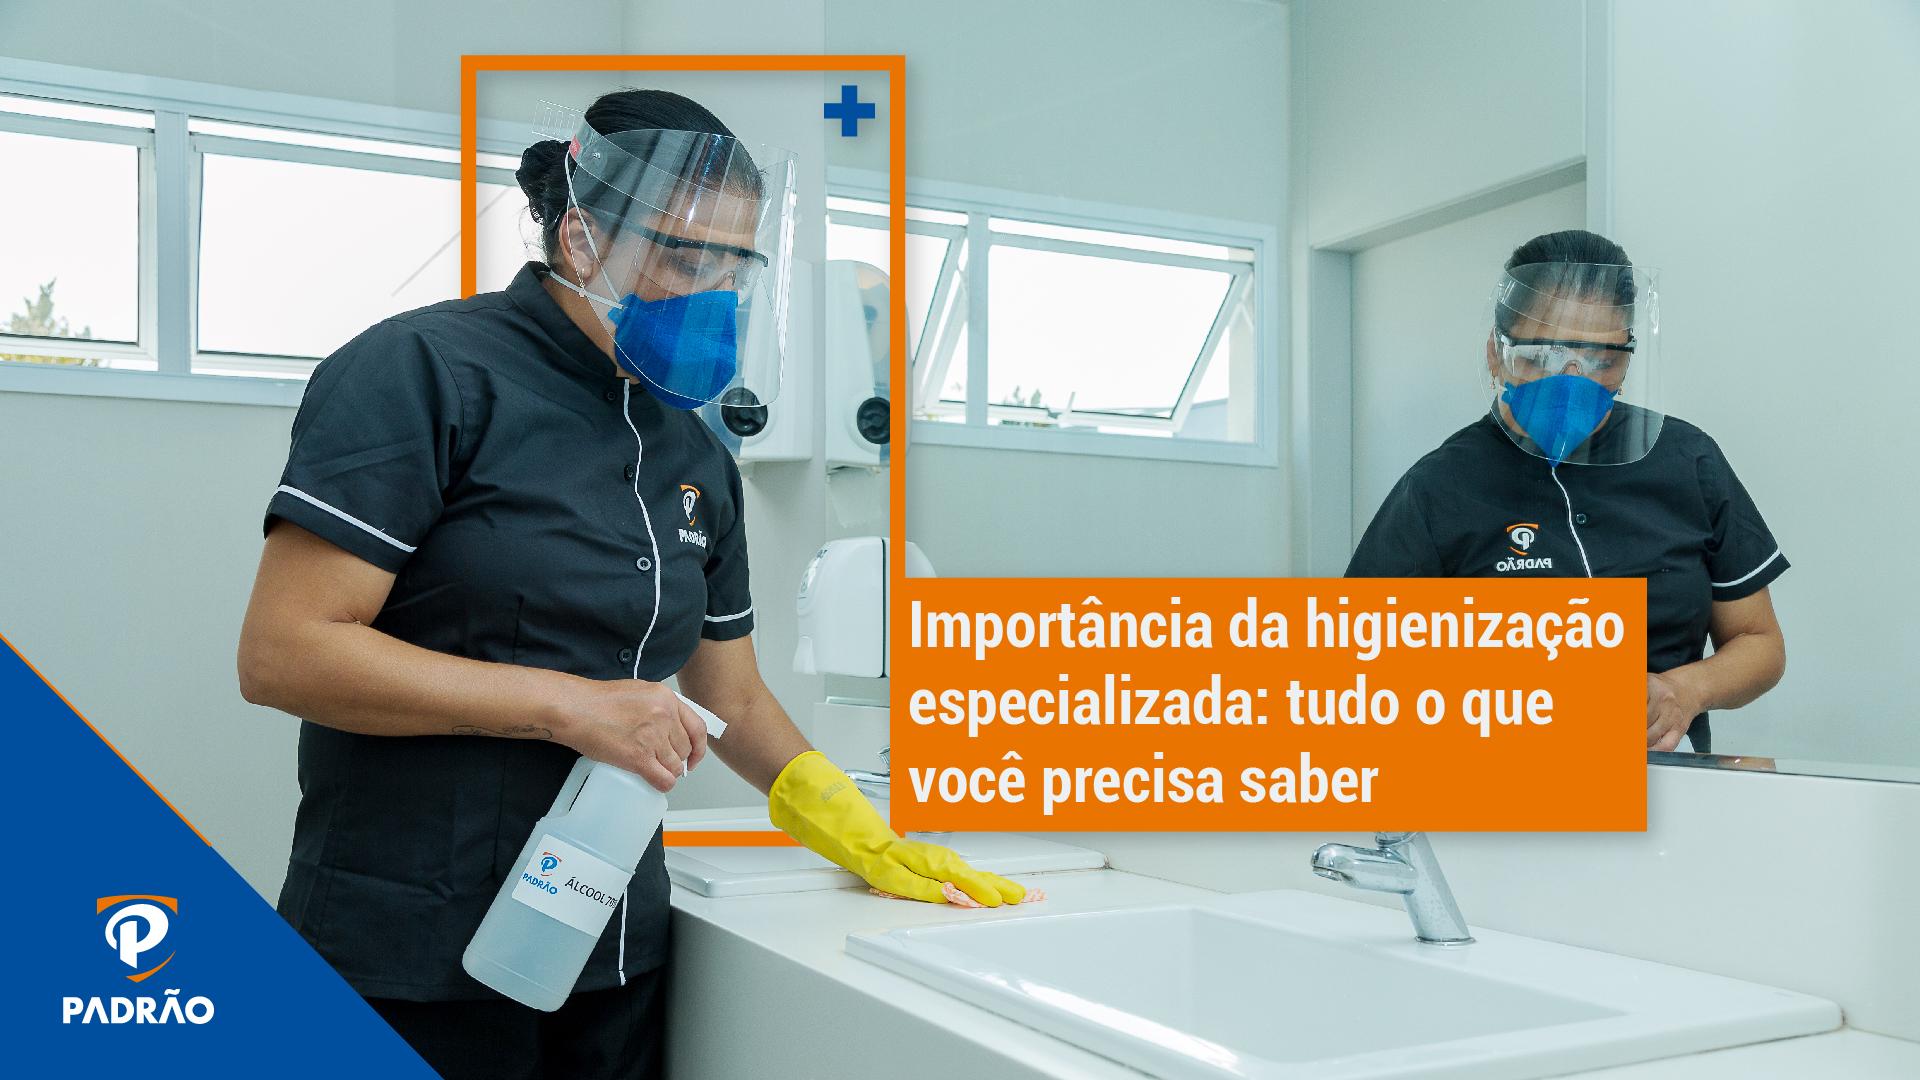 Importancia-da-limpeza-especializada